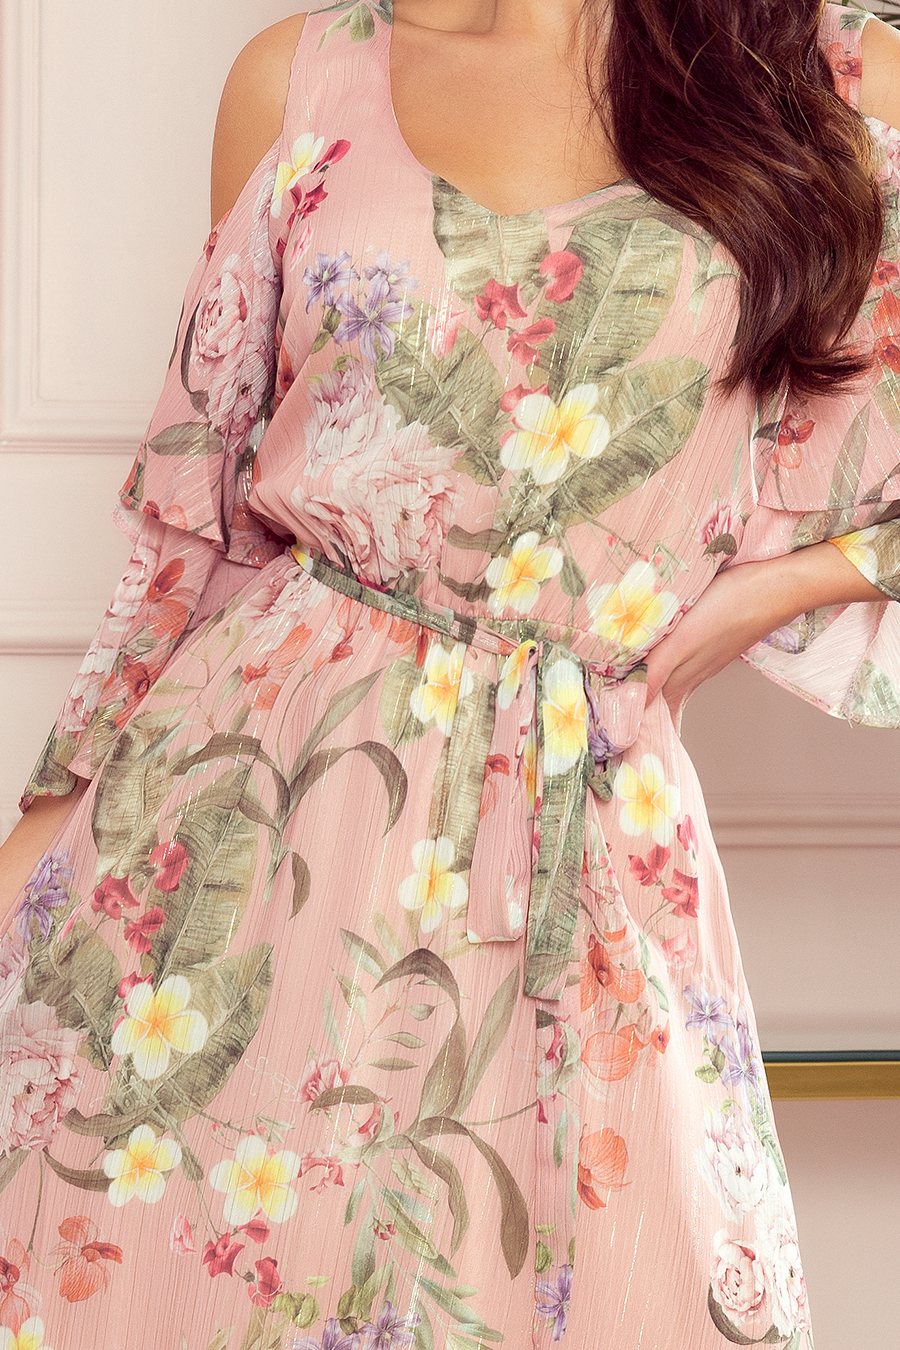 292-1 MARINA Kleid mit Ausschnitt - rosa mit Blumen ...